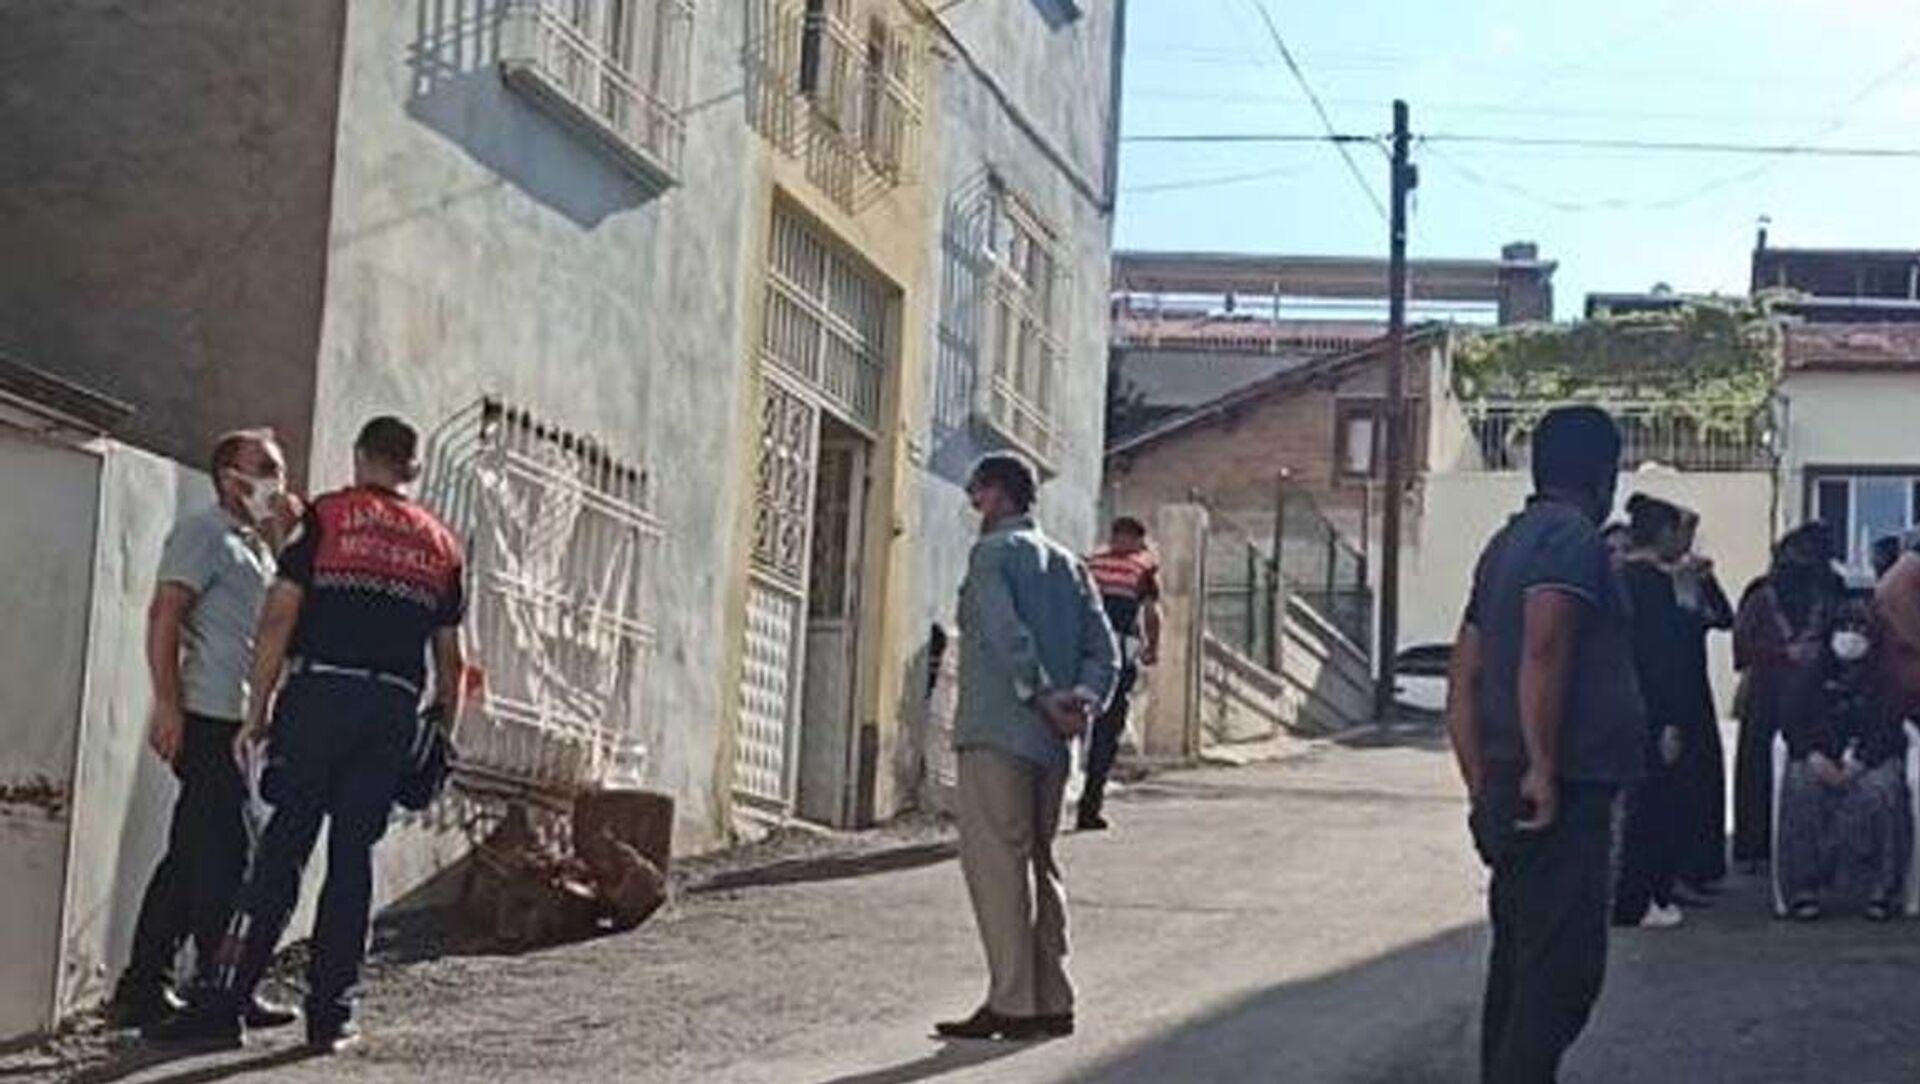 Malatya'da, Selma Ö. (41), cep telefonuna cevap vermediği gerekçesiyle eşi Mehmet Ö. (56) tarafından bıçaklanarak öldürüldü. - Sputnik Türkiye, 1920, 27.07.2021